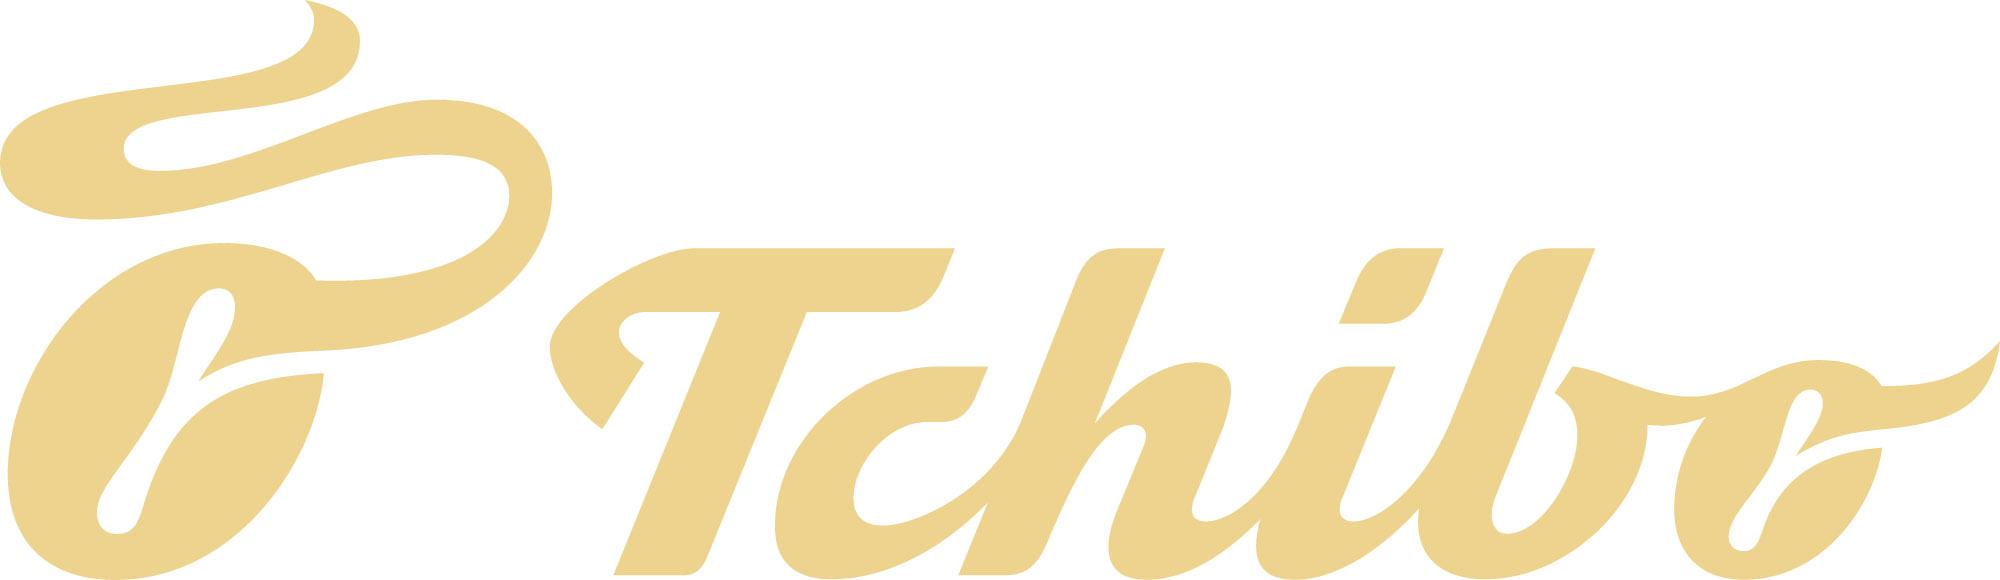 Recycelt, regenfest – ready! Tchibo Regenkleidung für Kinder mit nachhaltigen Materialien. - Sponsor logo